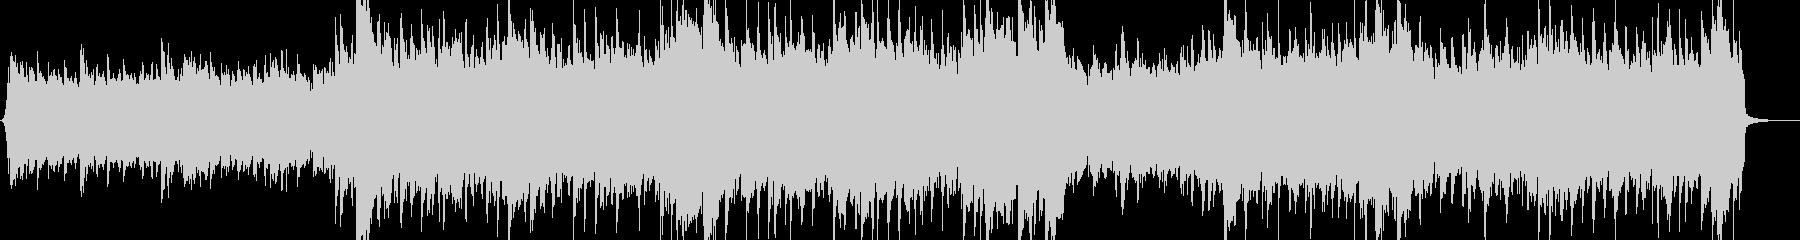 ゆったりどっしりとしたピアノロックの未再生の波形